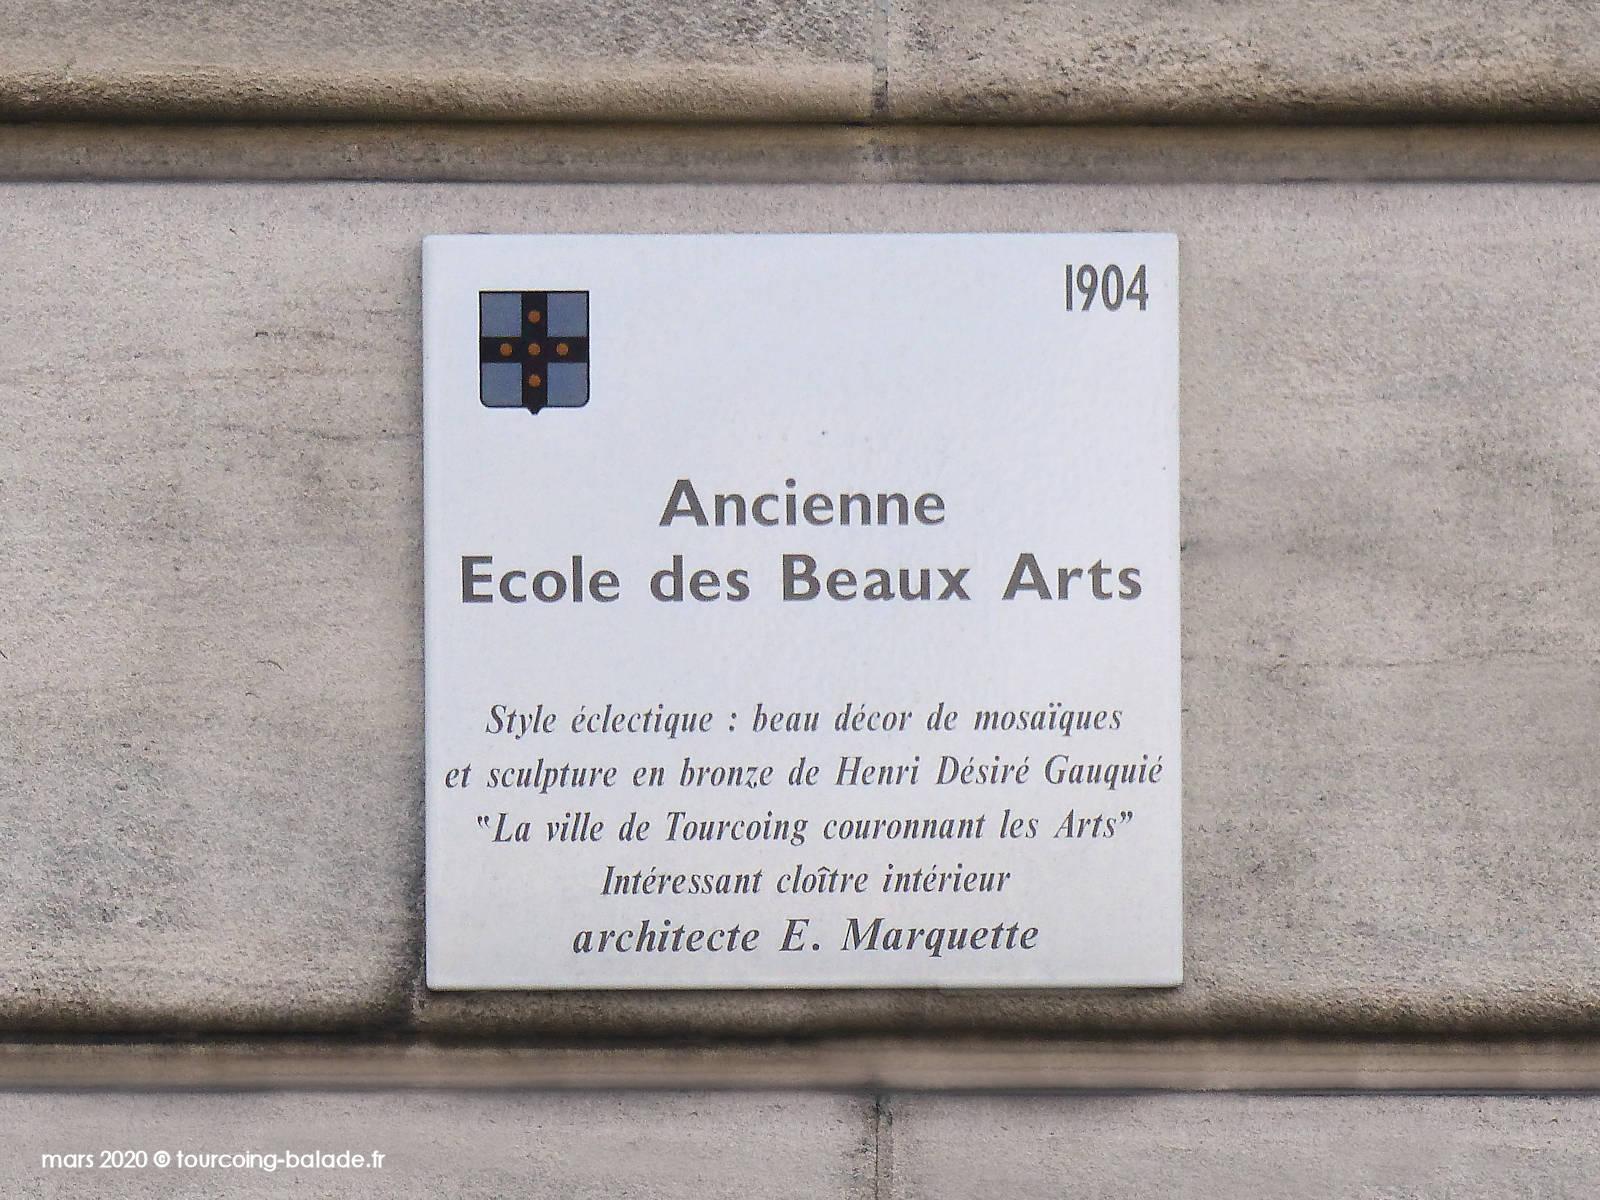 Architecte E. Marquette